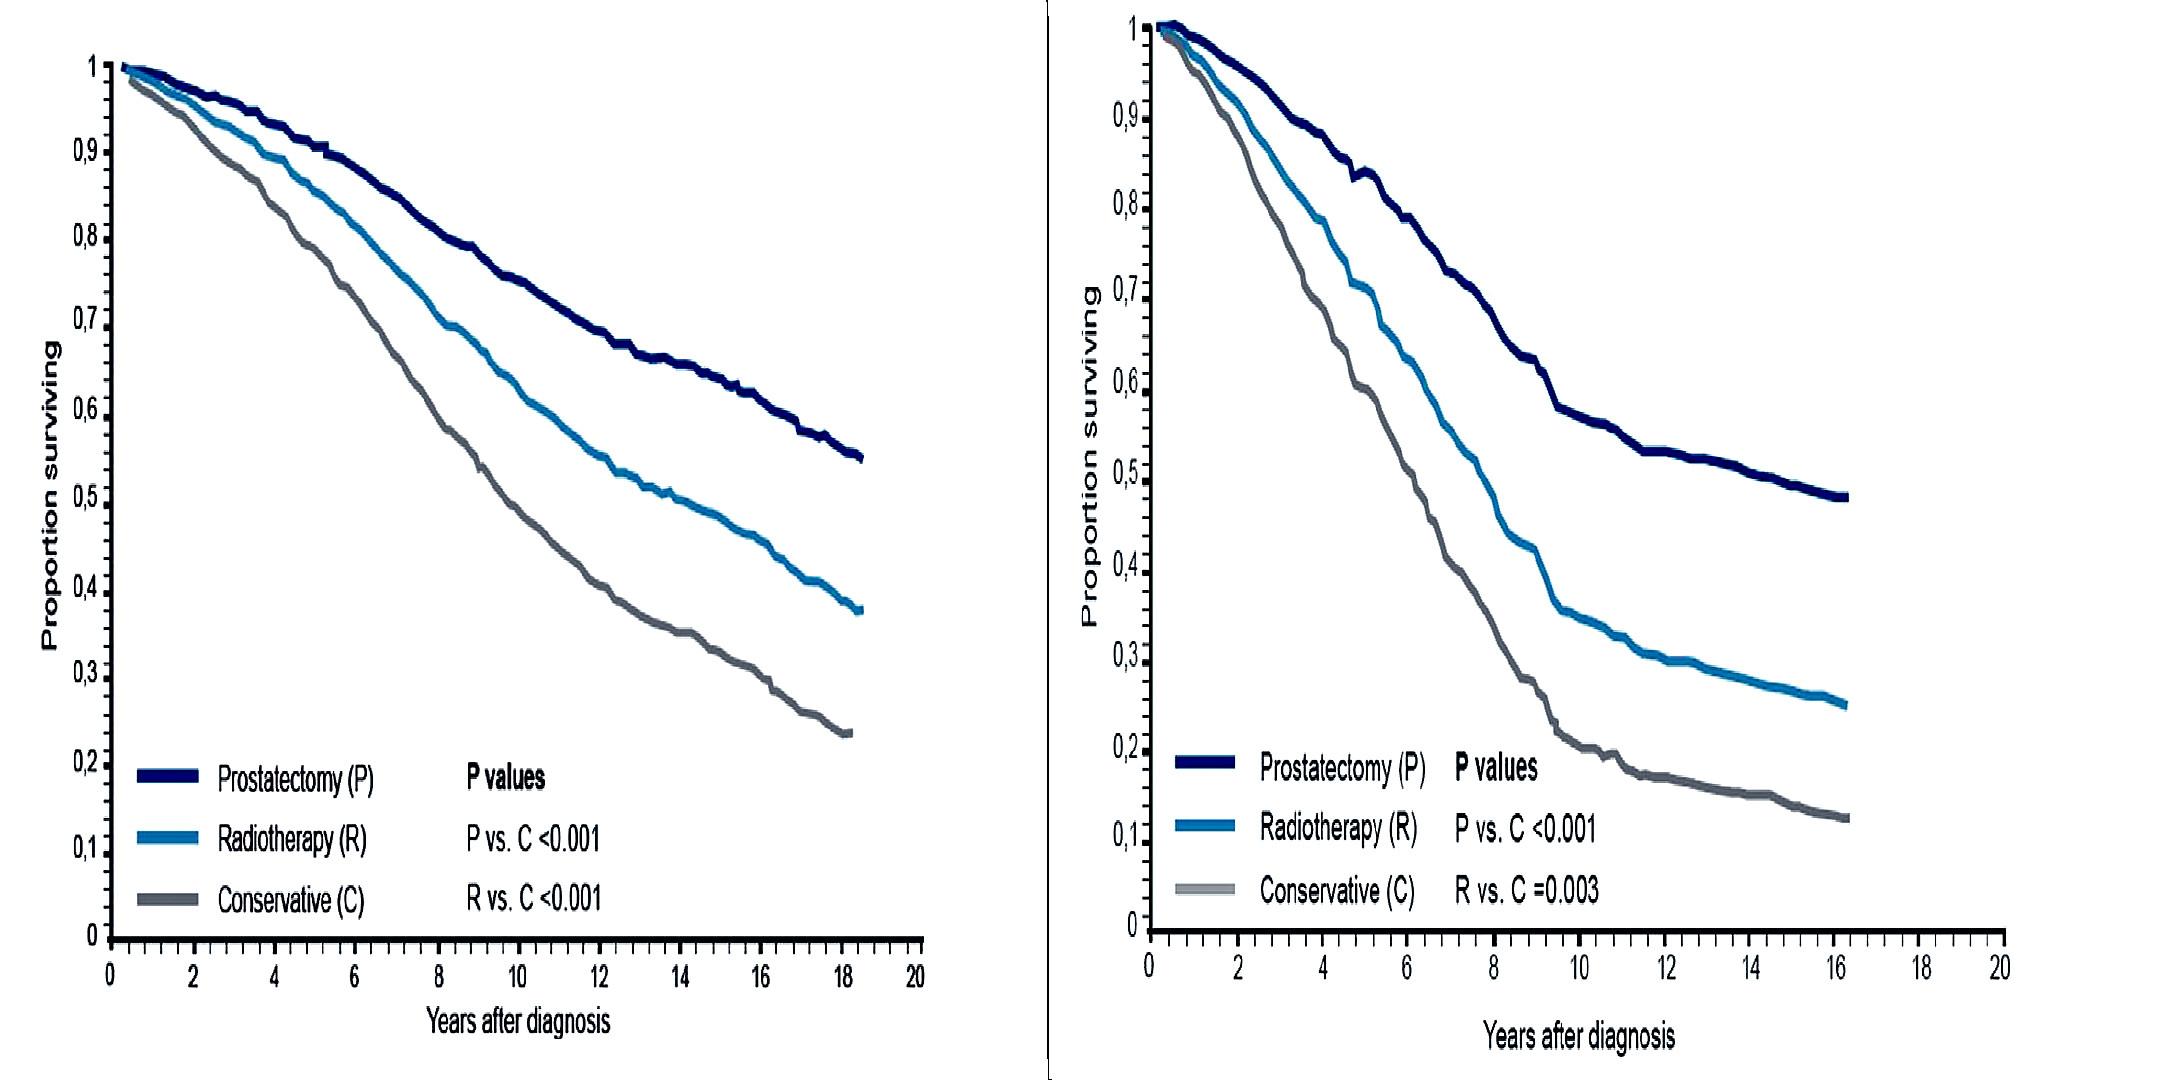 Obr. 6 A, B. Porovnání dlouhodobého přežívání všech nemocných s lokalizovaným CaP v závislosti na typu zvolené léčebné strategie  Porovnání přežívání všech nemocných (A) se zjištěným lokalizovaným karcinomem prostaty v závislosti na metodě primární léčby (radikální prostatektomie, radioterapie nebo konzervativní postup) při dlouhodobém sledování nemocných. Statisticky významně je lepší přežívání u nemocných po aktivní léčbě (radikální prostatektomie, radioterapie) a především po provedeném chirurgickém odstranění prostaty. Při hodnocení a porovnání výsledků u nemocných s hůře diferencovaným karcinomem prostaty (B) je dlouhodobý lepší výsledek radikální prostatektomie ještě výraznější. Upraveno podle (18).